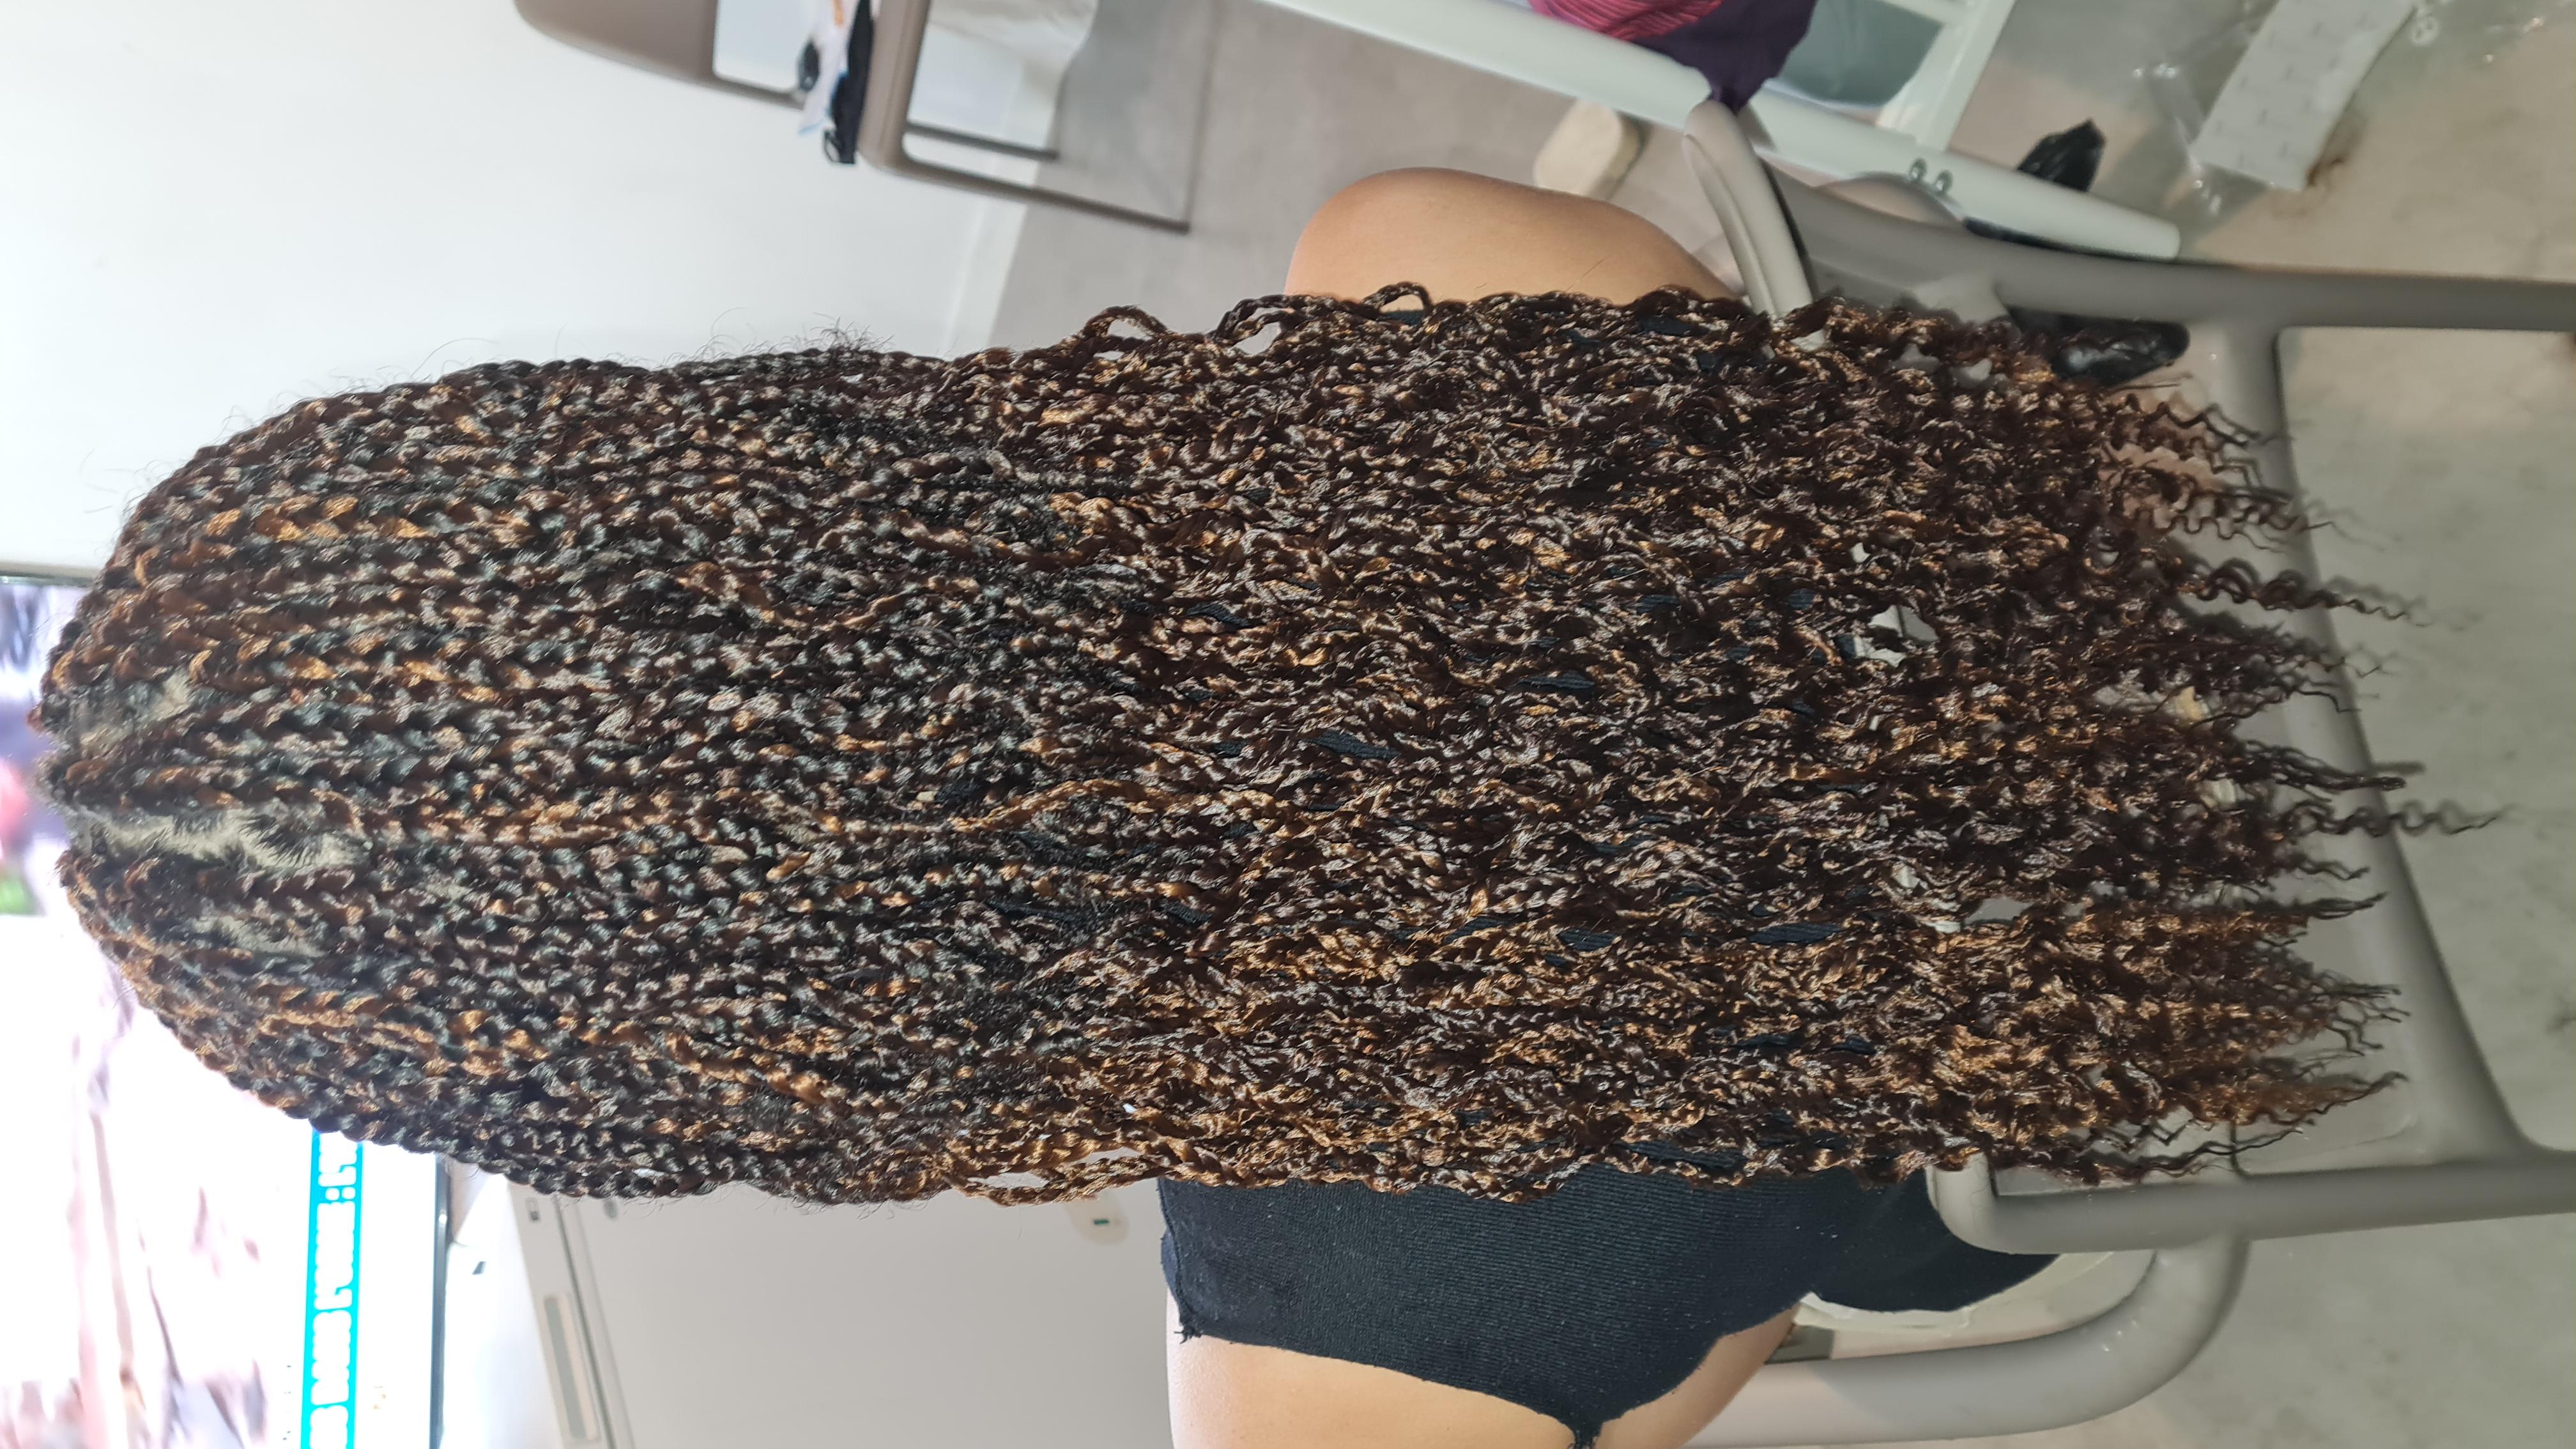 salon de coiffure afro tresse tresses box braids crochet braids vanilles tissages paris 75 77 78 91 92 93 94 95 QRYOTZST